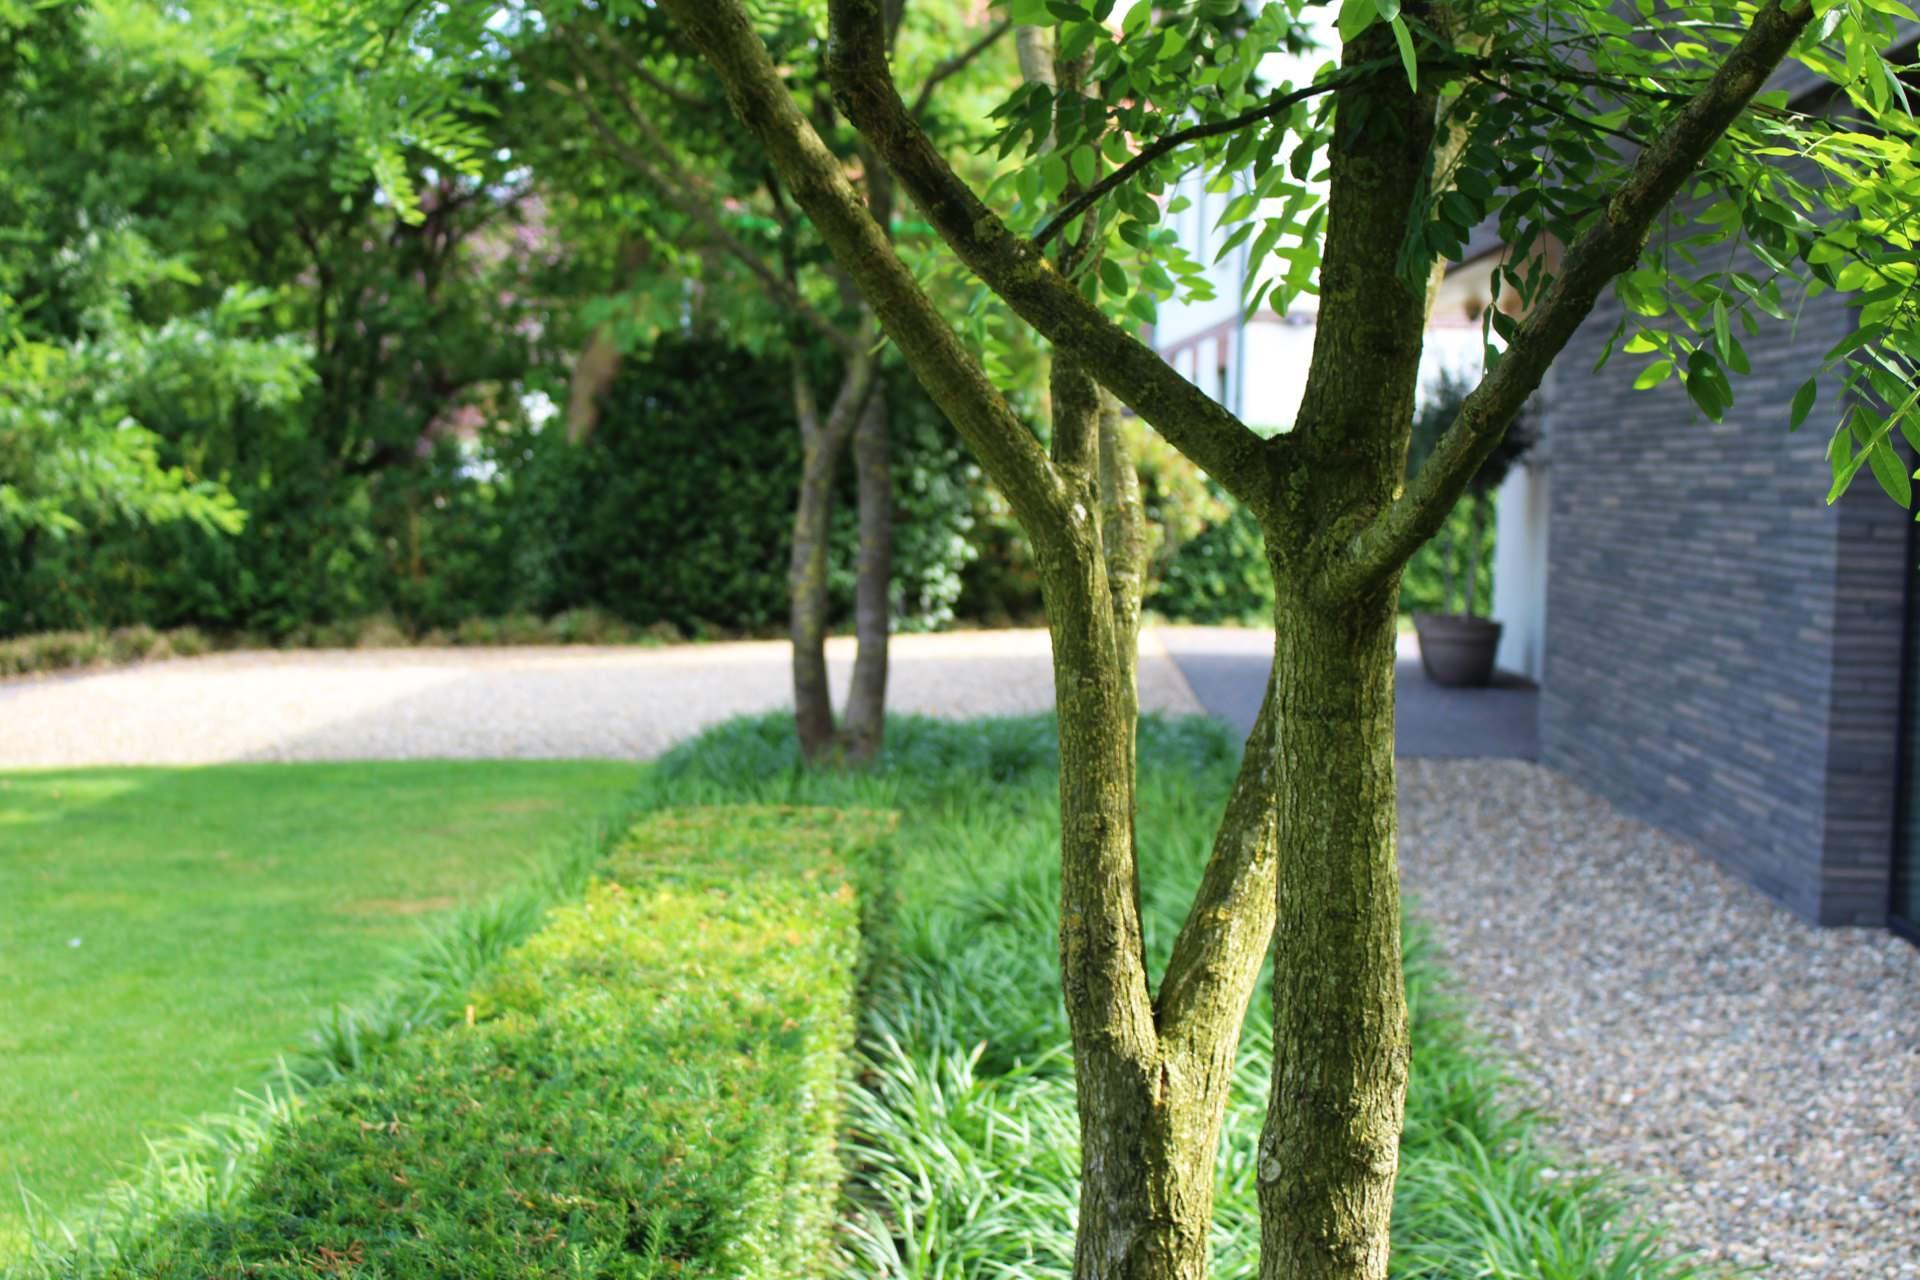 Tuinaanleg in nijmegen door uw tuin hoveniers de enige echte expert